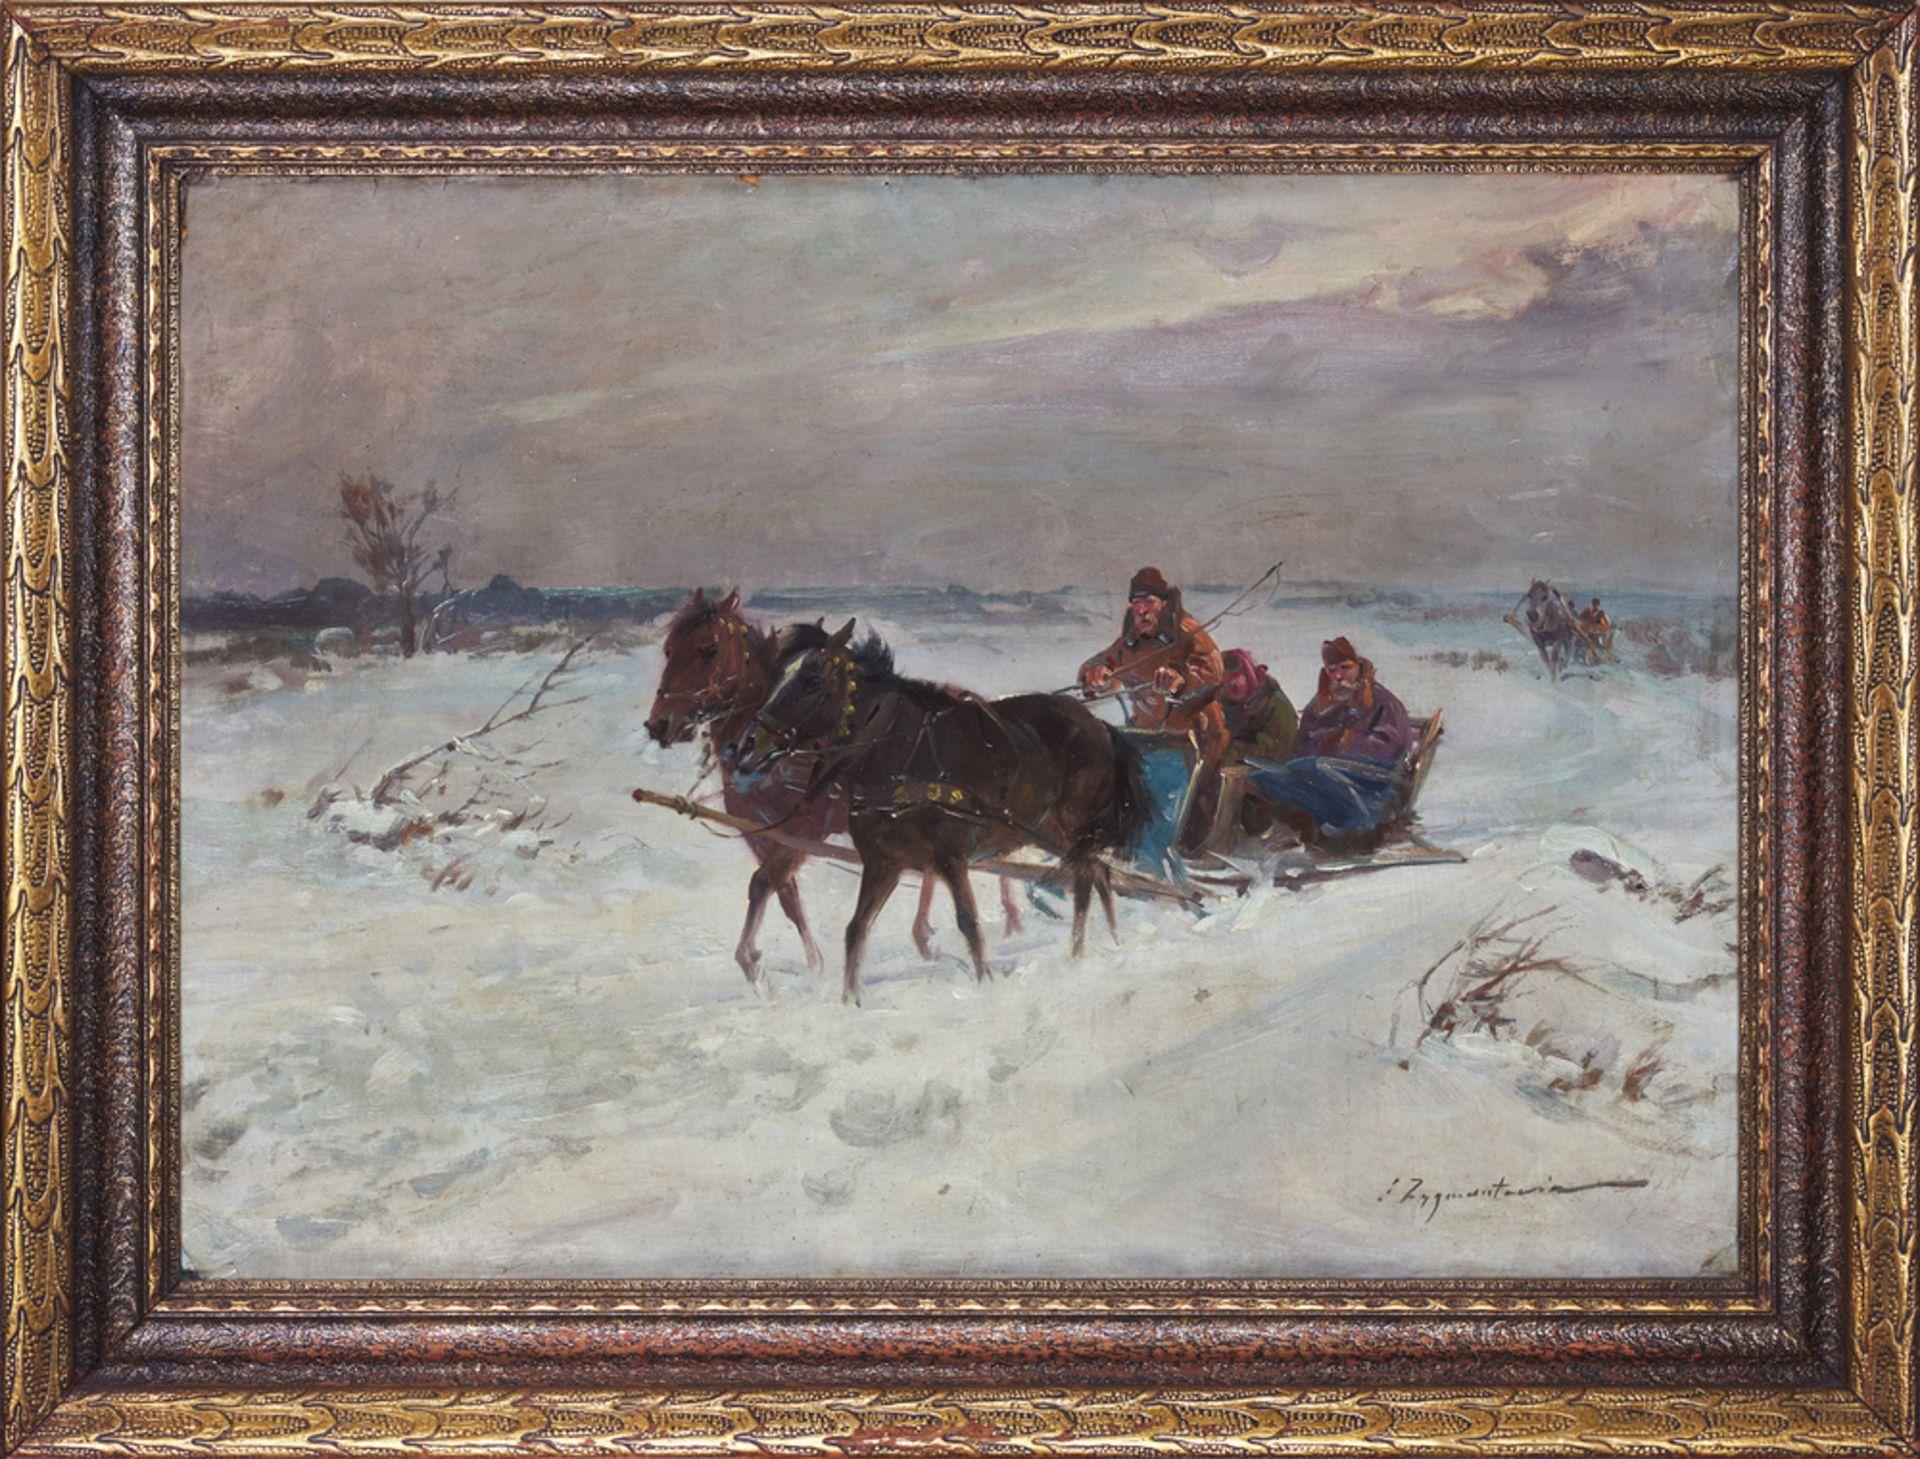 Czesław Wasilewski [Ignacy Zygmuntowicz] , Warszawa 1875-1947 Łódź , Sleight / Sanna